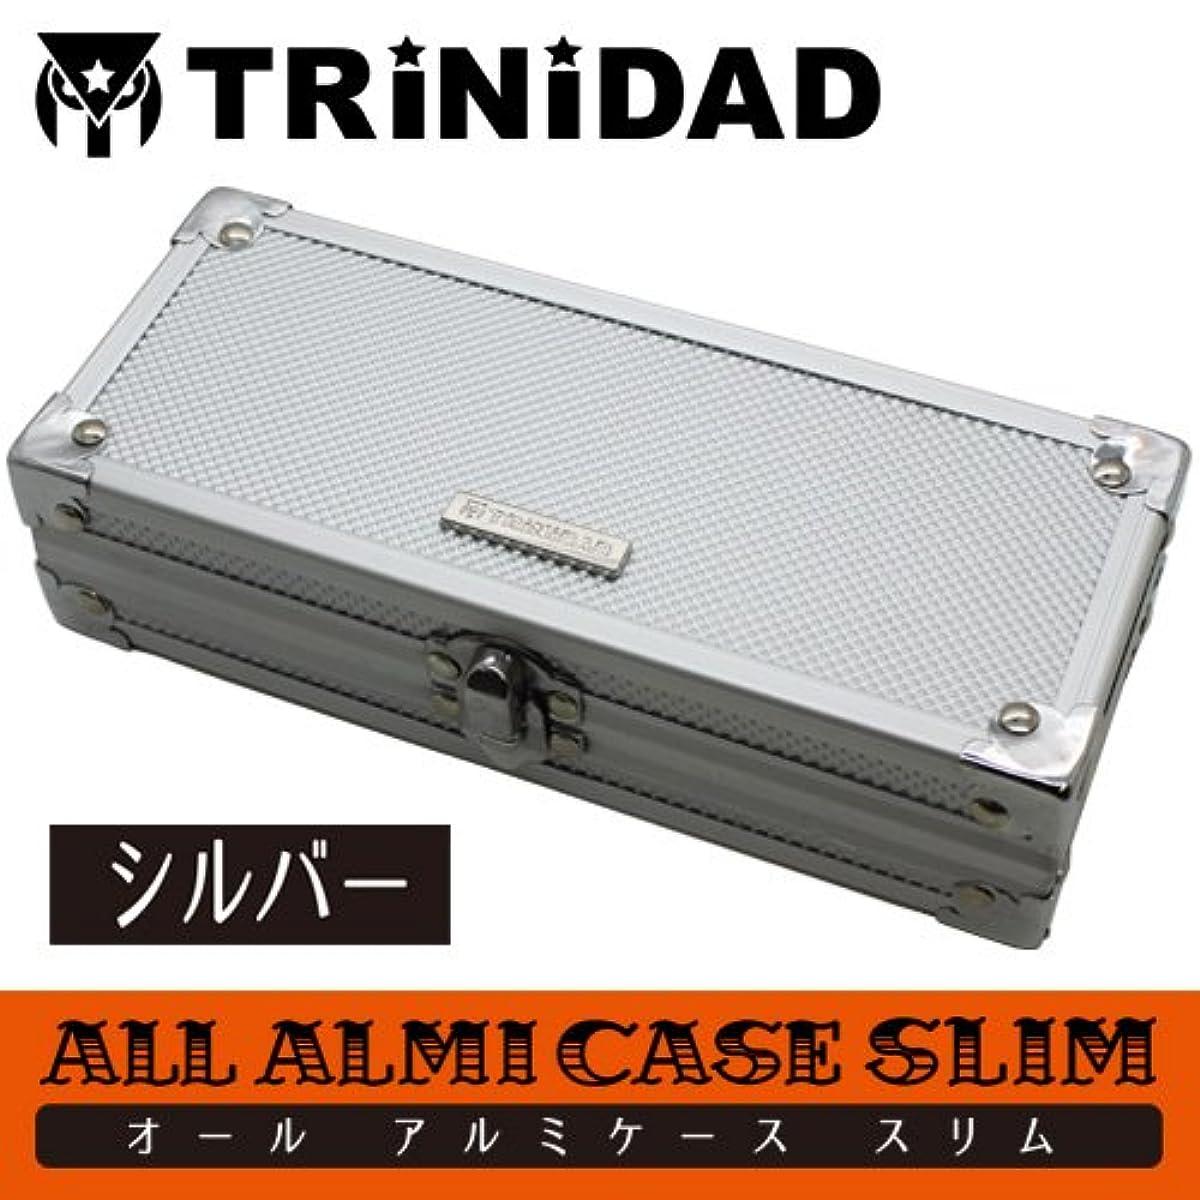 [해외] 트리니다드 다트 케이스 TRiNiDAD 트리니다드 올 알루미늄 케이스 슬림 실버